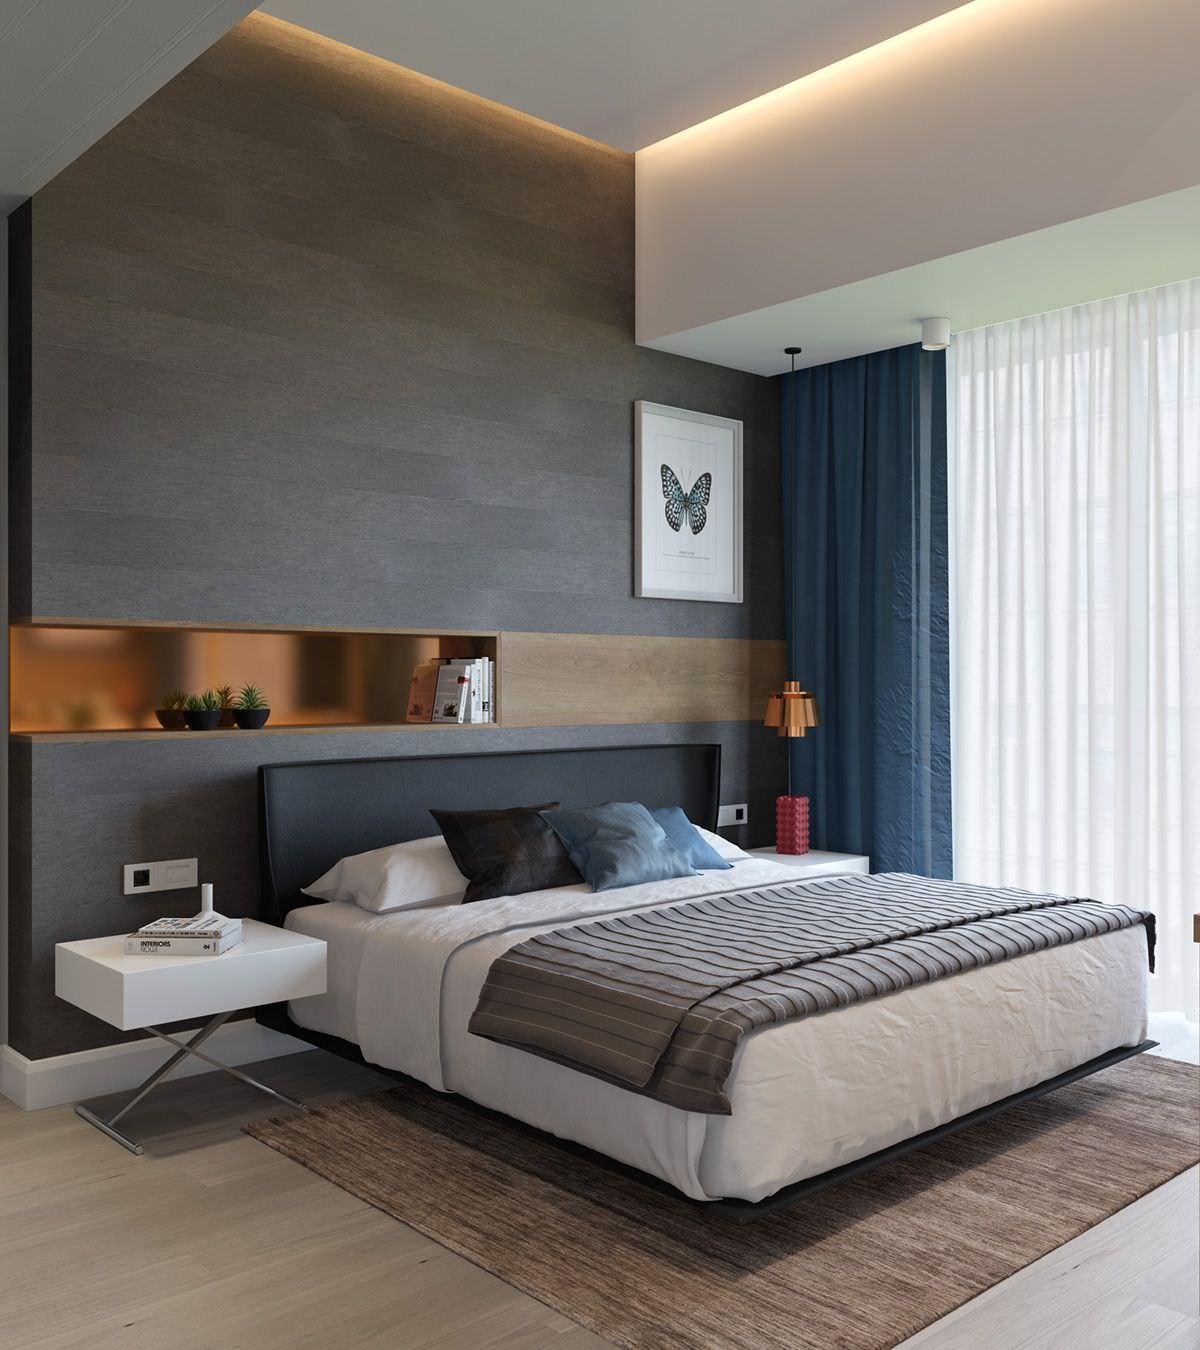 ✓ homelook.it è una grande piattaforma per interior design in italia che facilita la ricerca dei. 100 Idee Camere Da Letto Moderne Stile E Design Per Un Ambiente Da Sogno Apartment Interior Modern Bedroom Design Luxurious Bedrooms